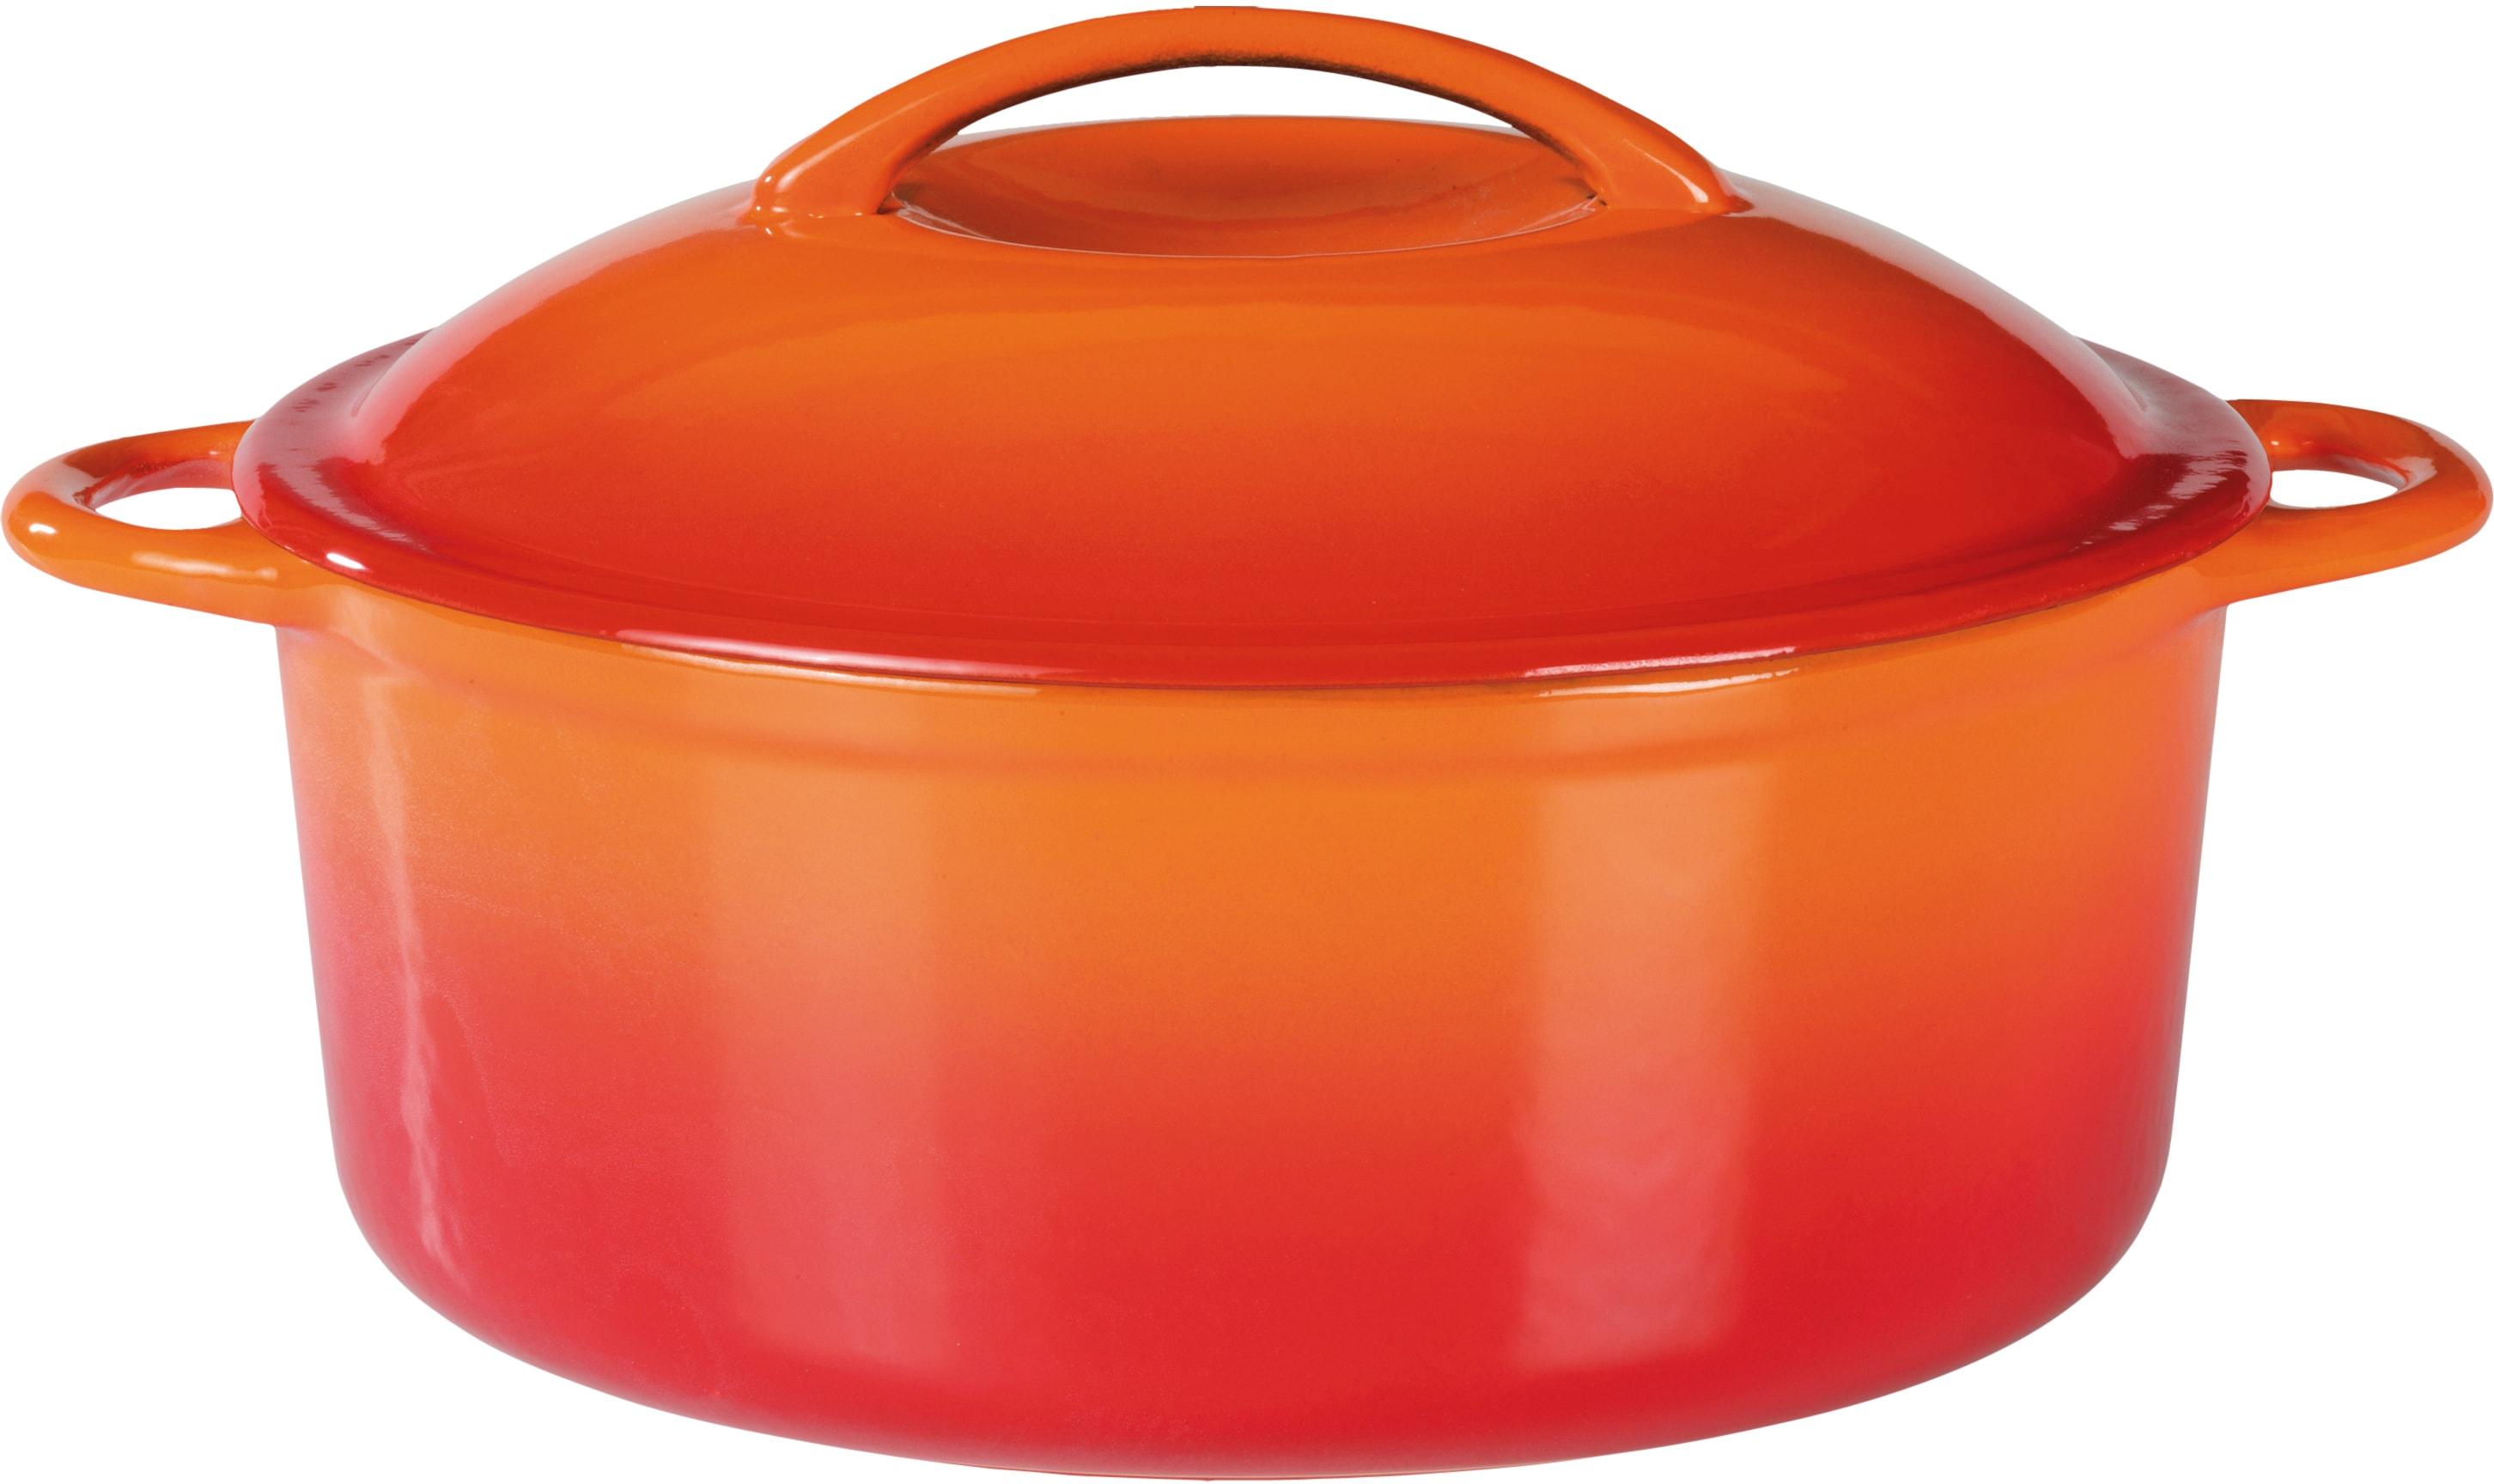 GSW Kochtopf Orange Shadow, Gusseisen, (1 tlg.), Induktion orange Gemüsetöpfe Töpfe Haushaltswaren